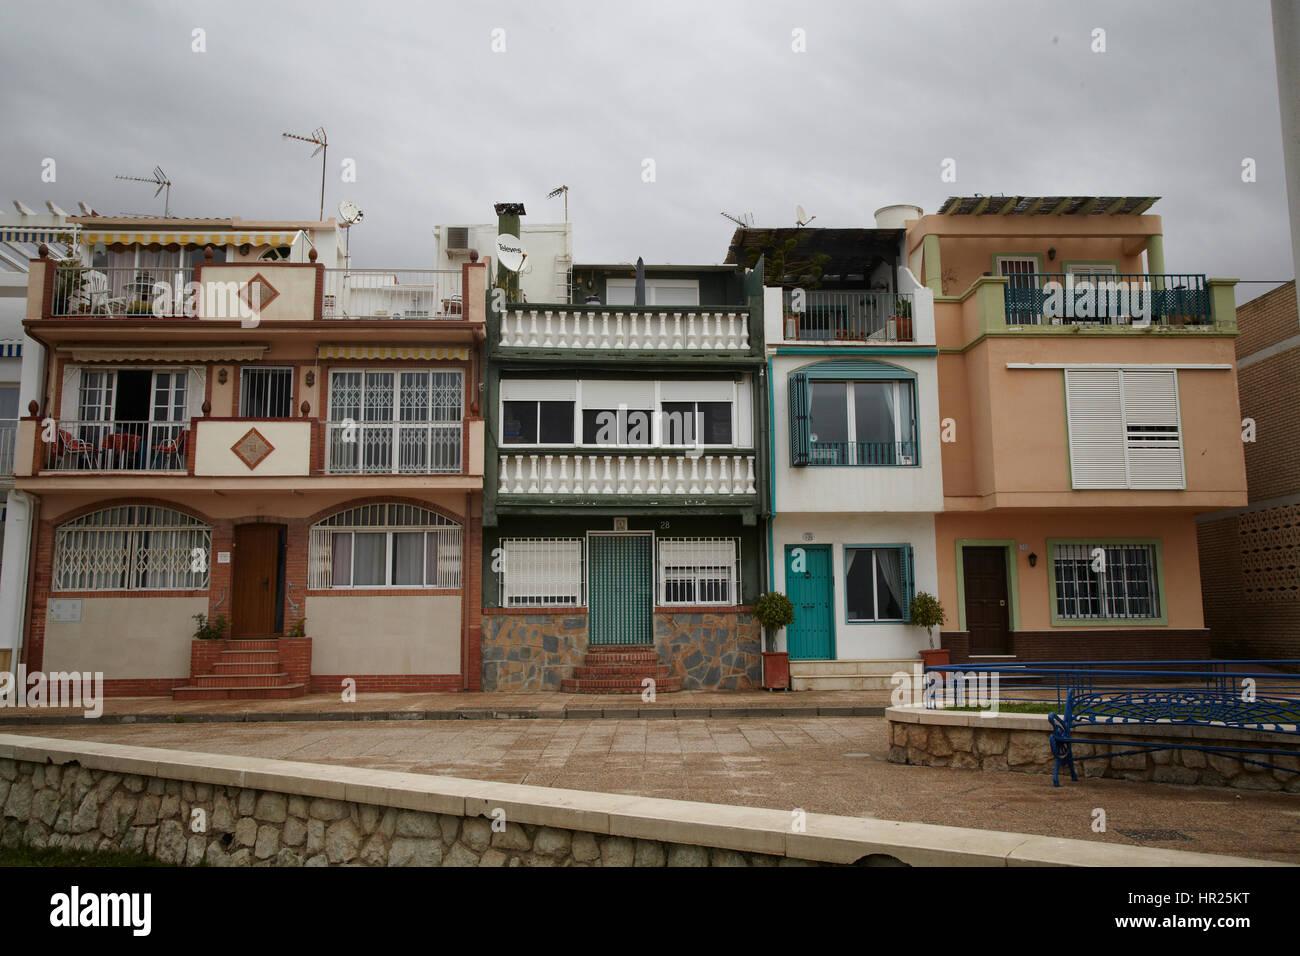 Houses in Pedregalejo, Malaga Spain - Stock Image